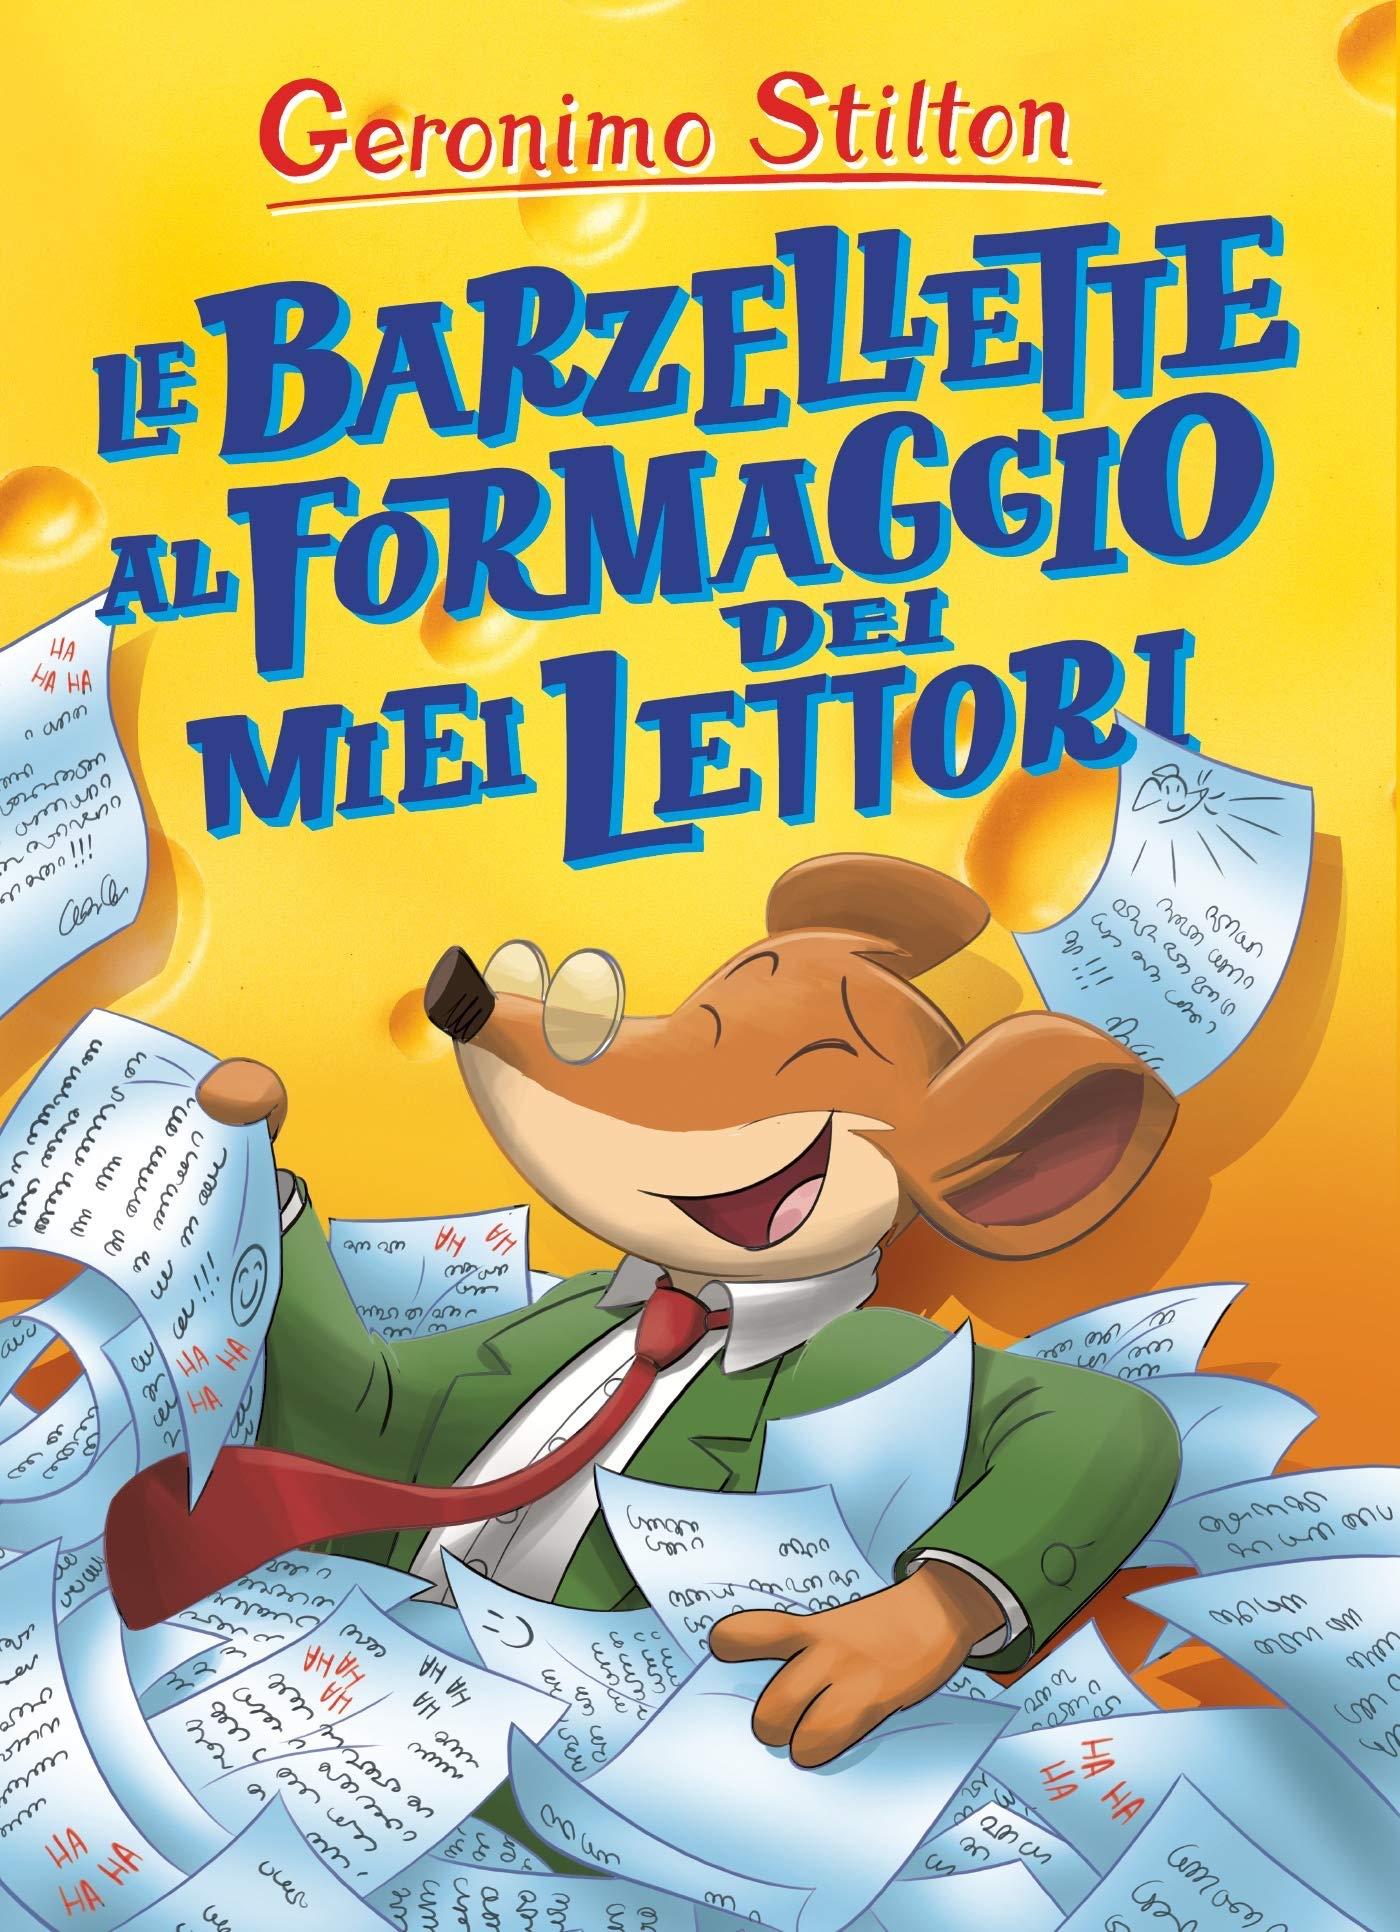 Le barzellette al formaggio dei miei lettori Copertina flessibile – 23 ott 2018 Geronimo Stilton Piemme 8856663058 LETTERATURA PER RAGAZZI